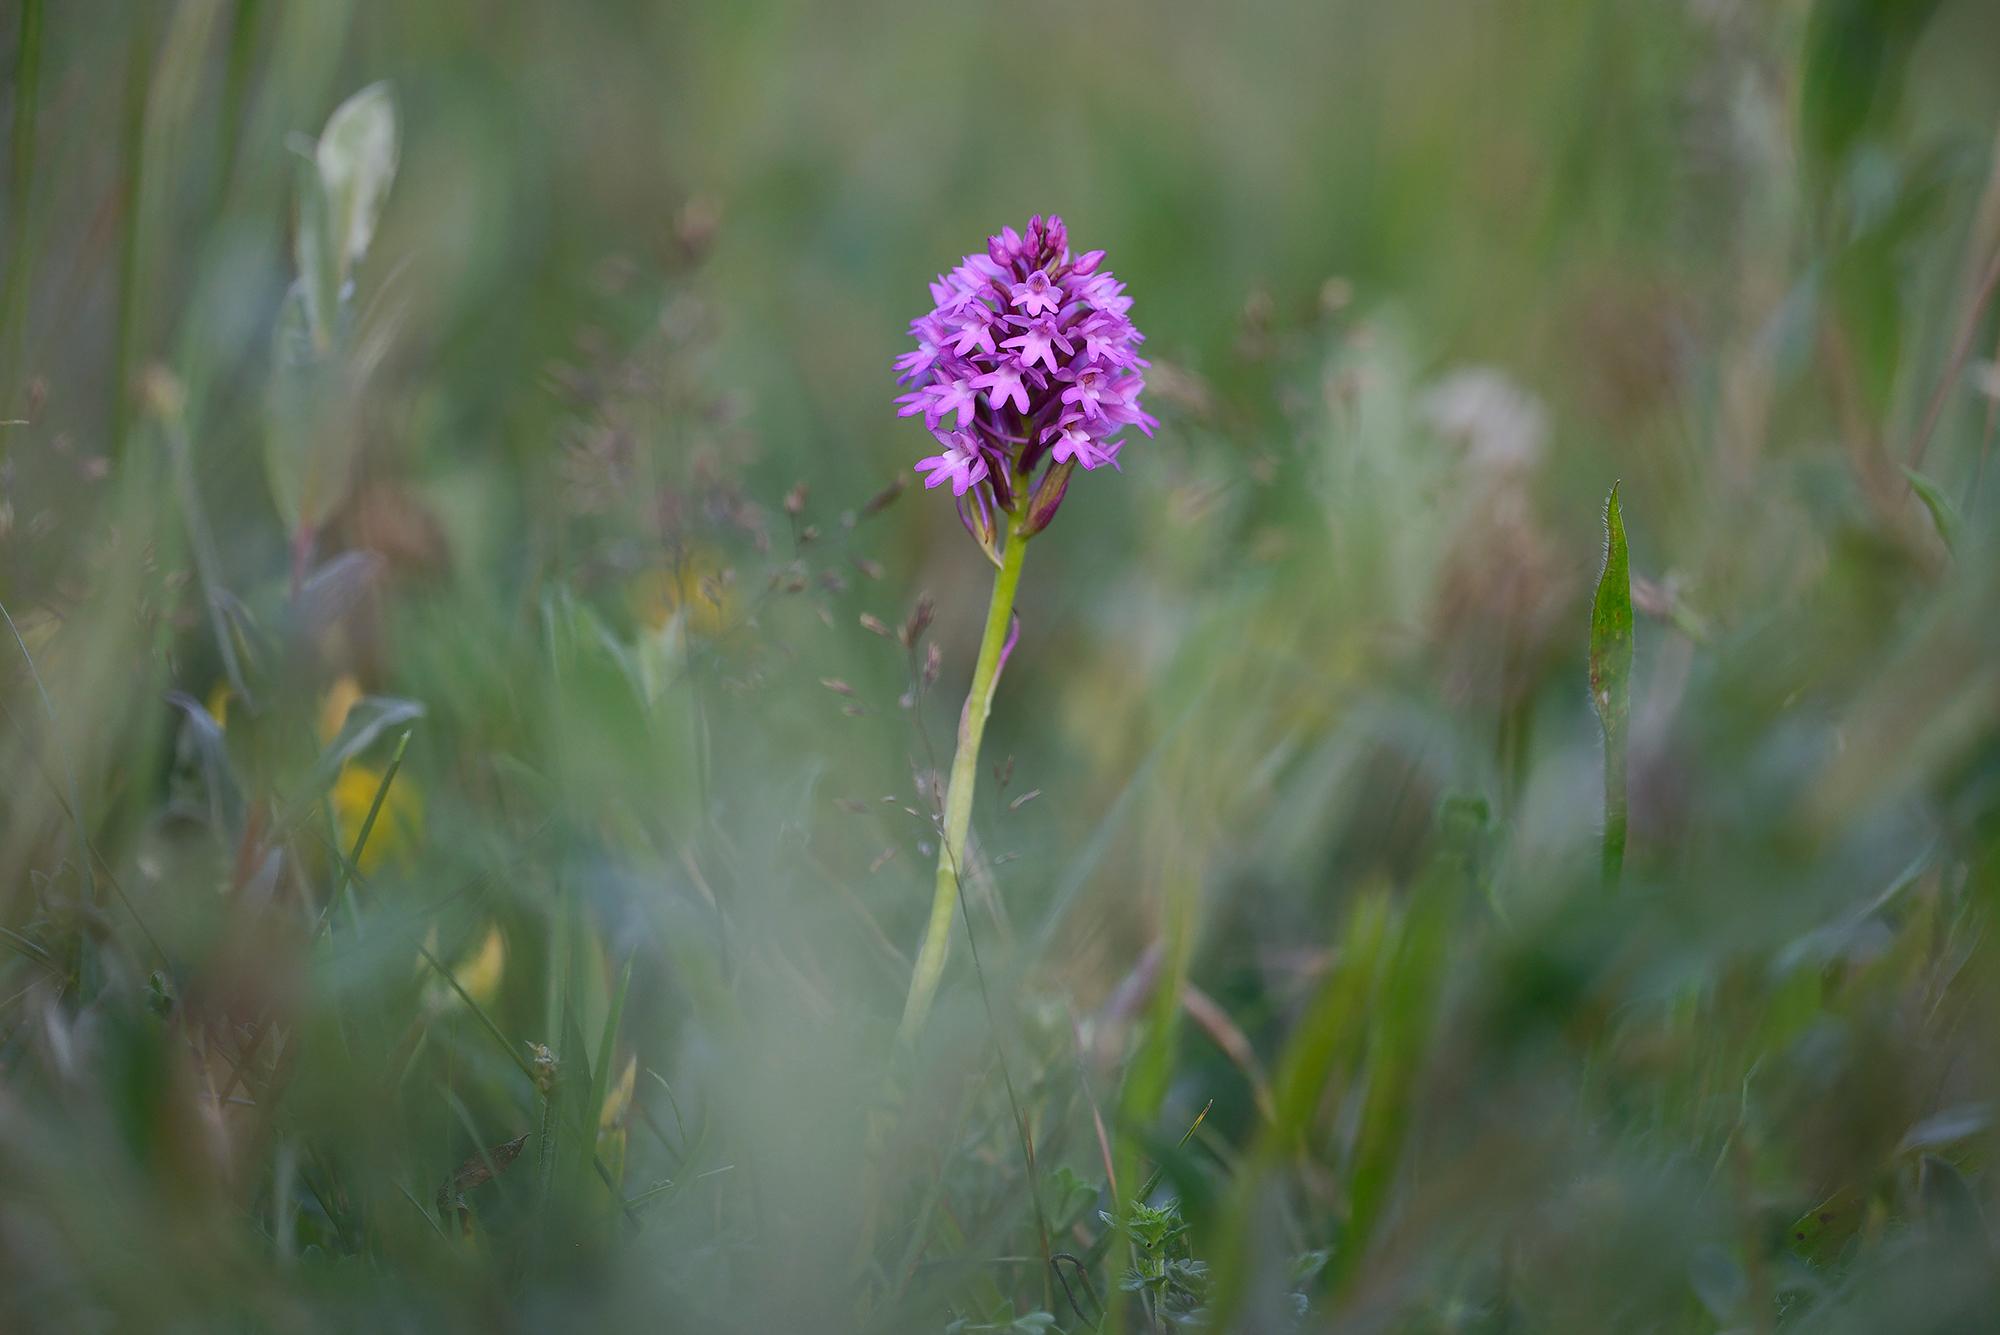 Roze bloemen van de orchidee hondskruid (Anacamptis pyramidalis) in het zeedorpenlandschap van het Noordhollands Duinreservaat bij Wijk aan Zee.